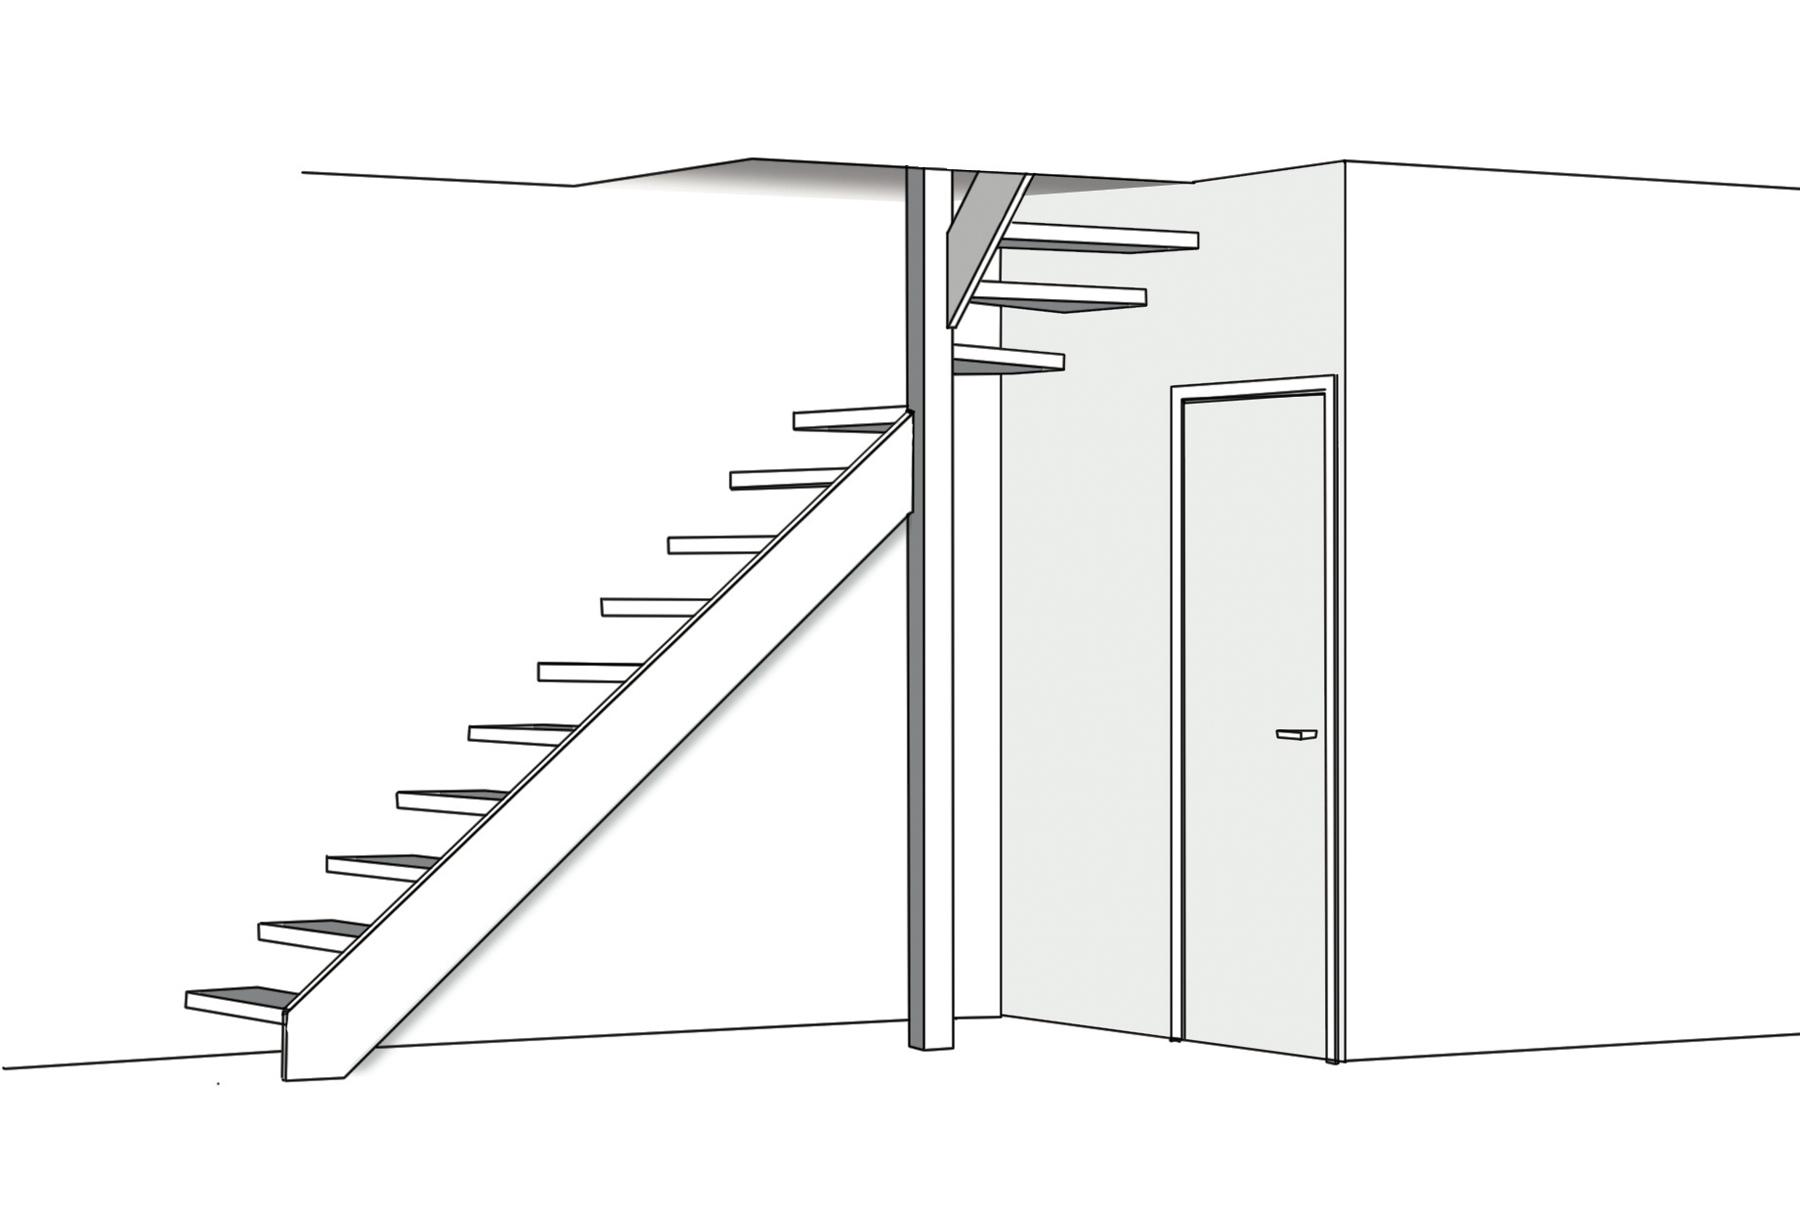 croquis espace vide escalier